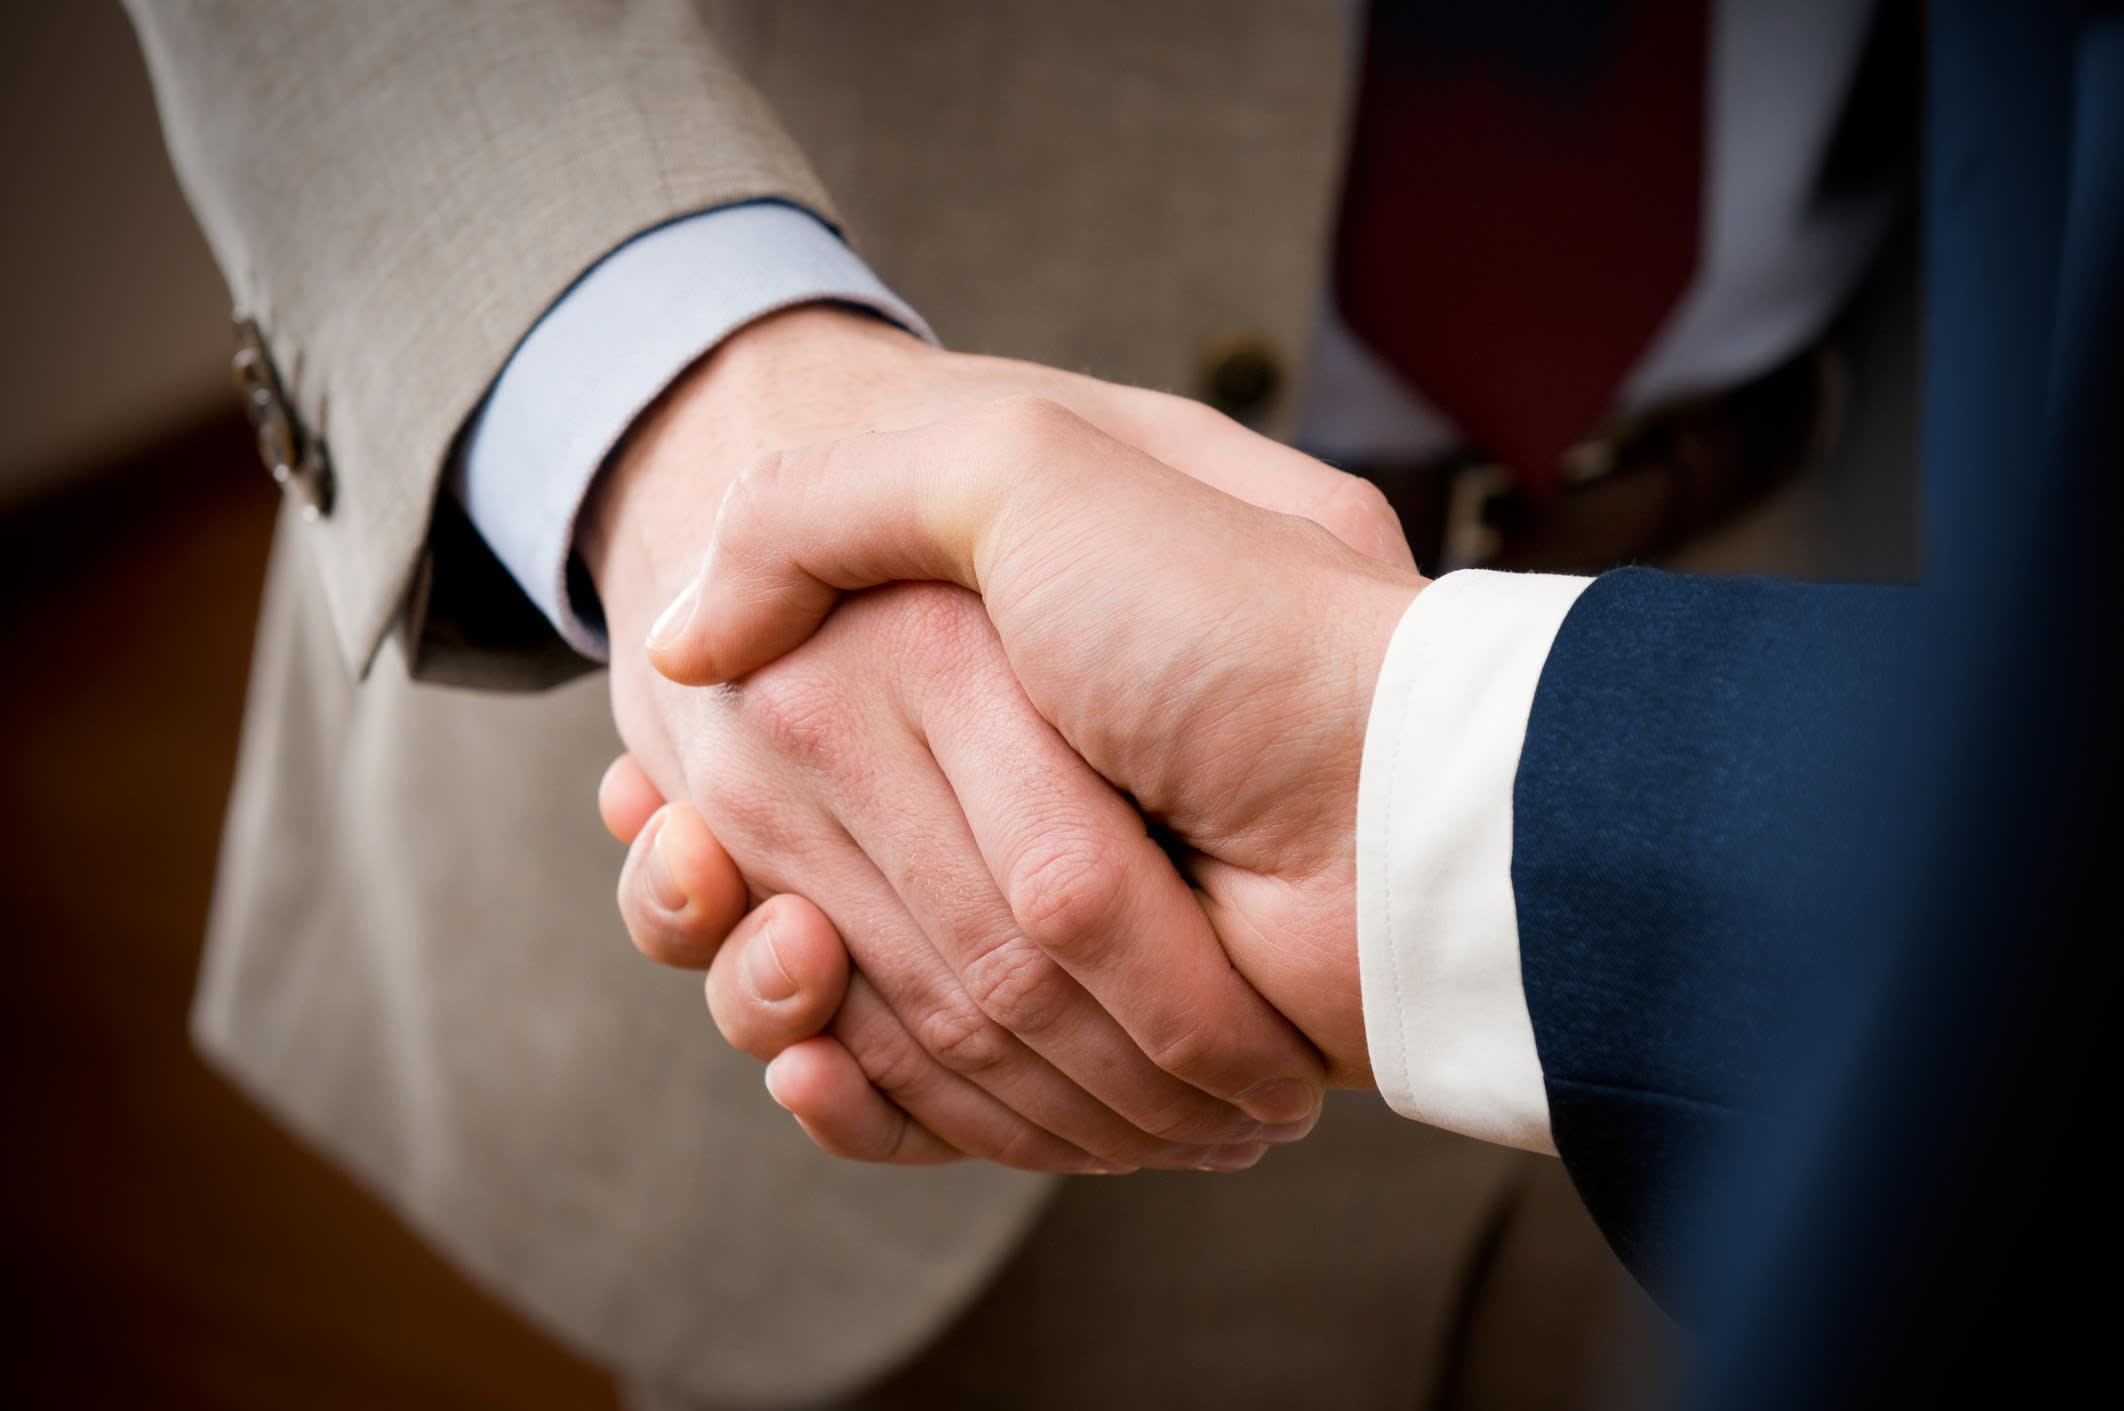 Insurers urged to consider negotiating coronavirus claims